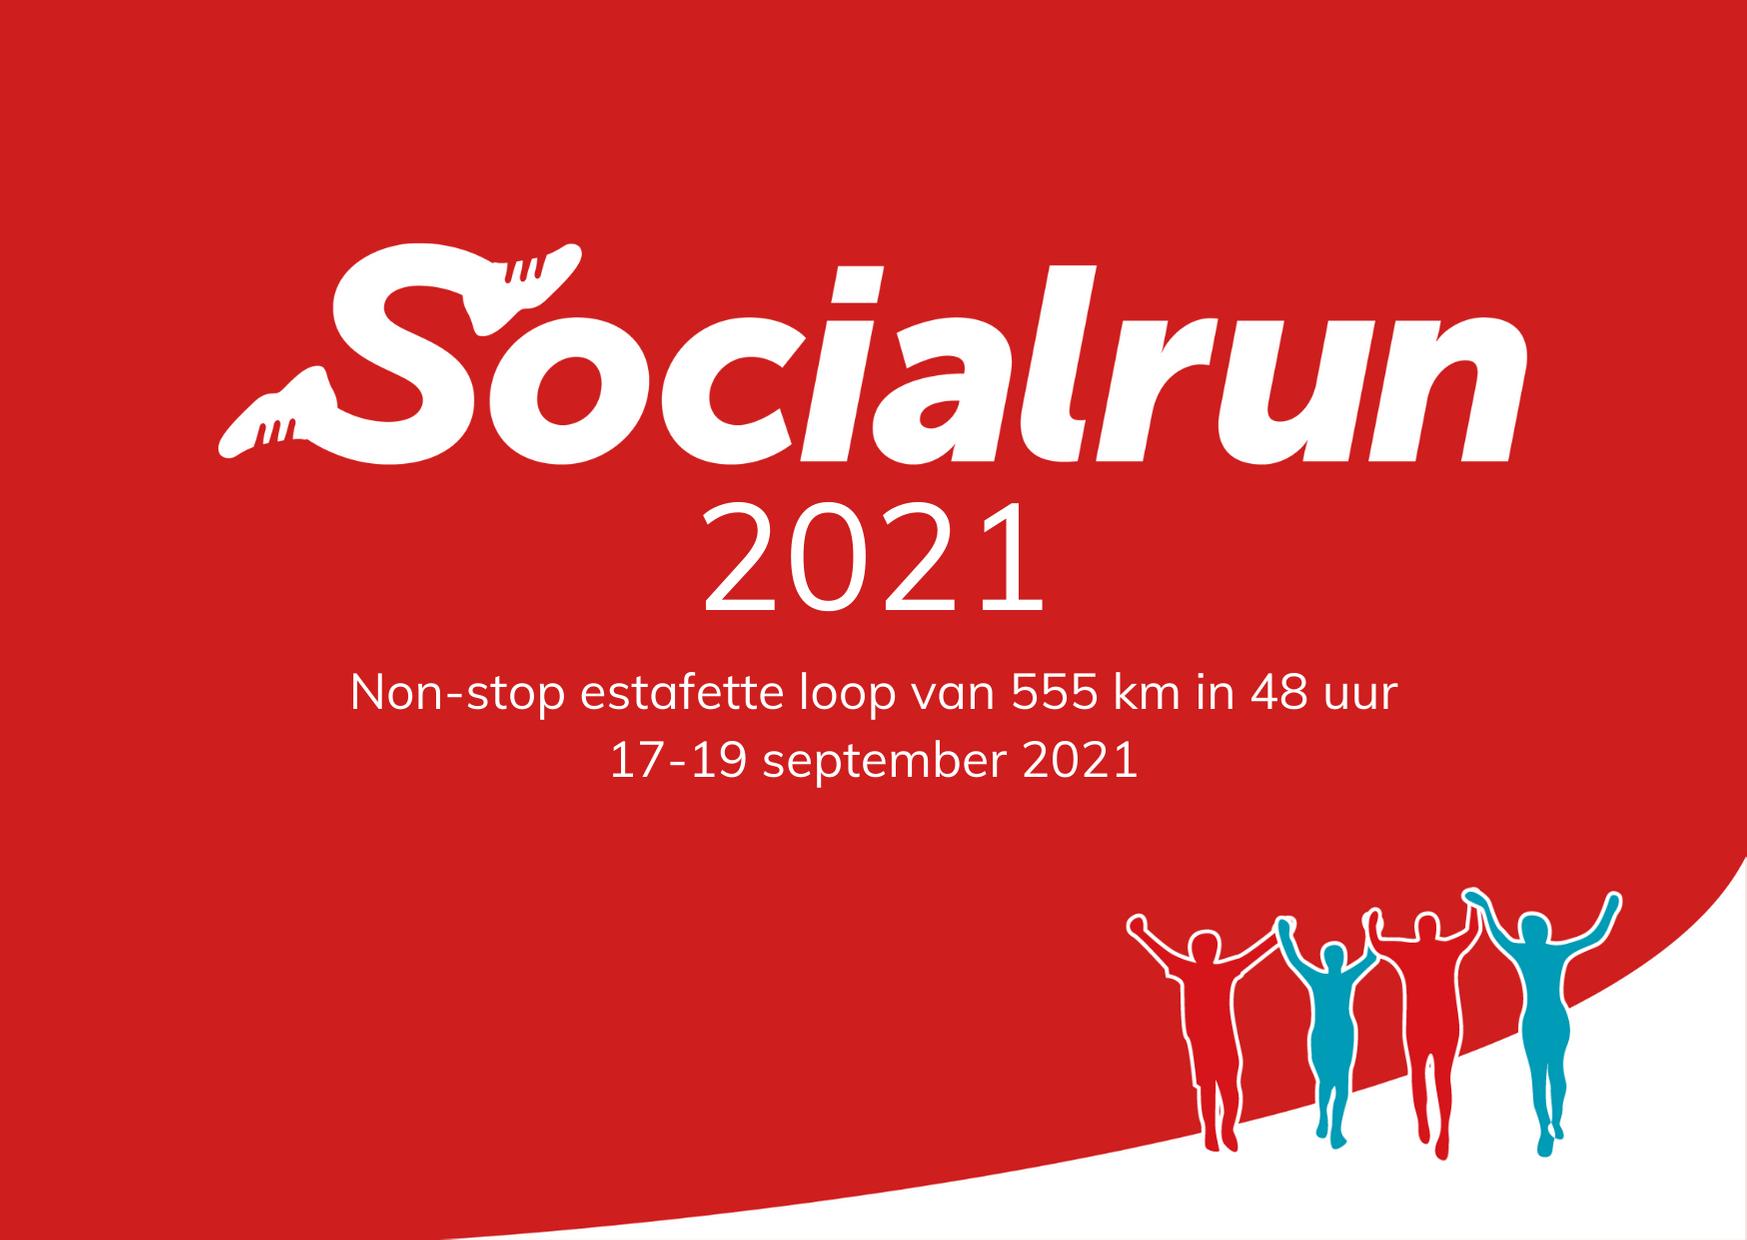 Socialrun 2021: wij zijn er klaar voor!